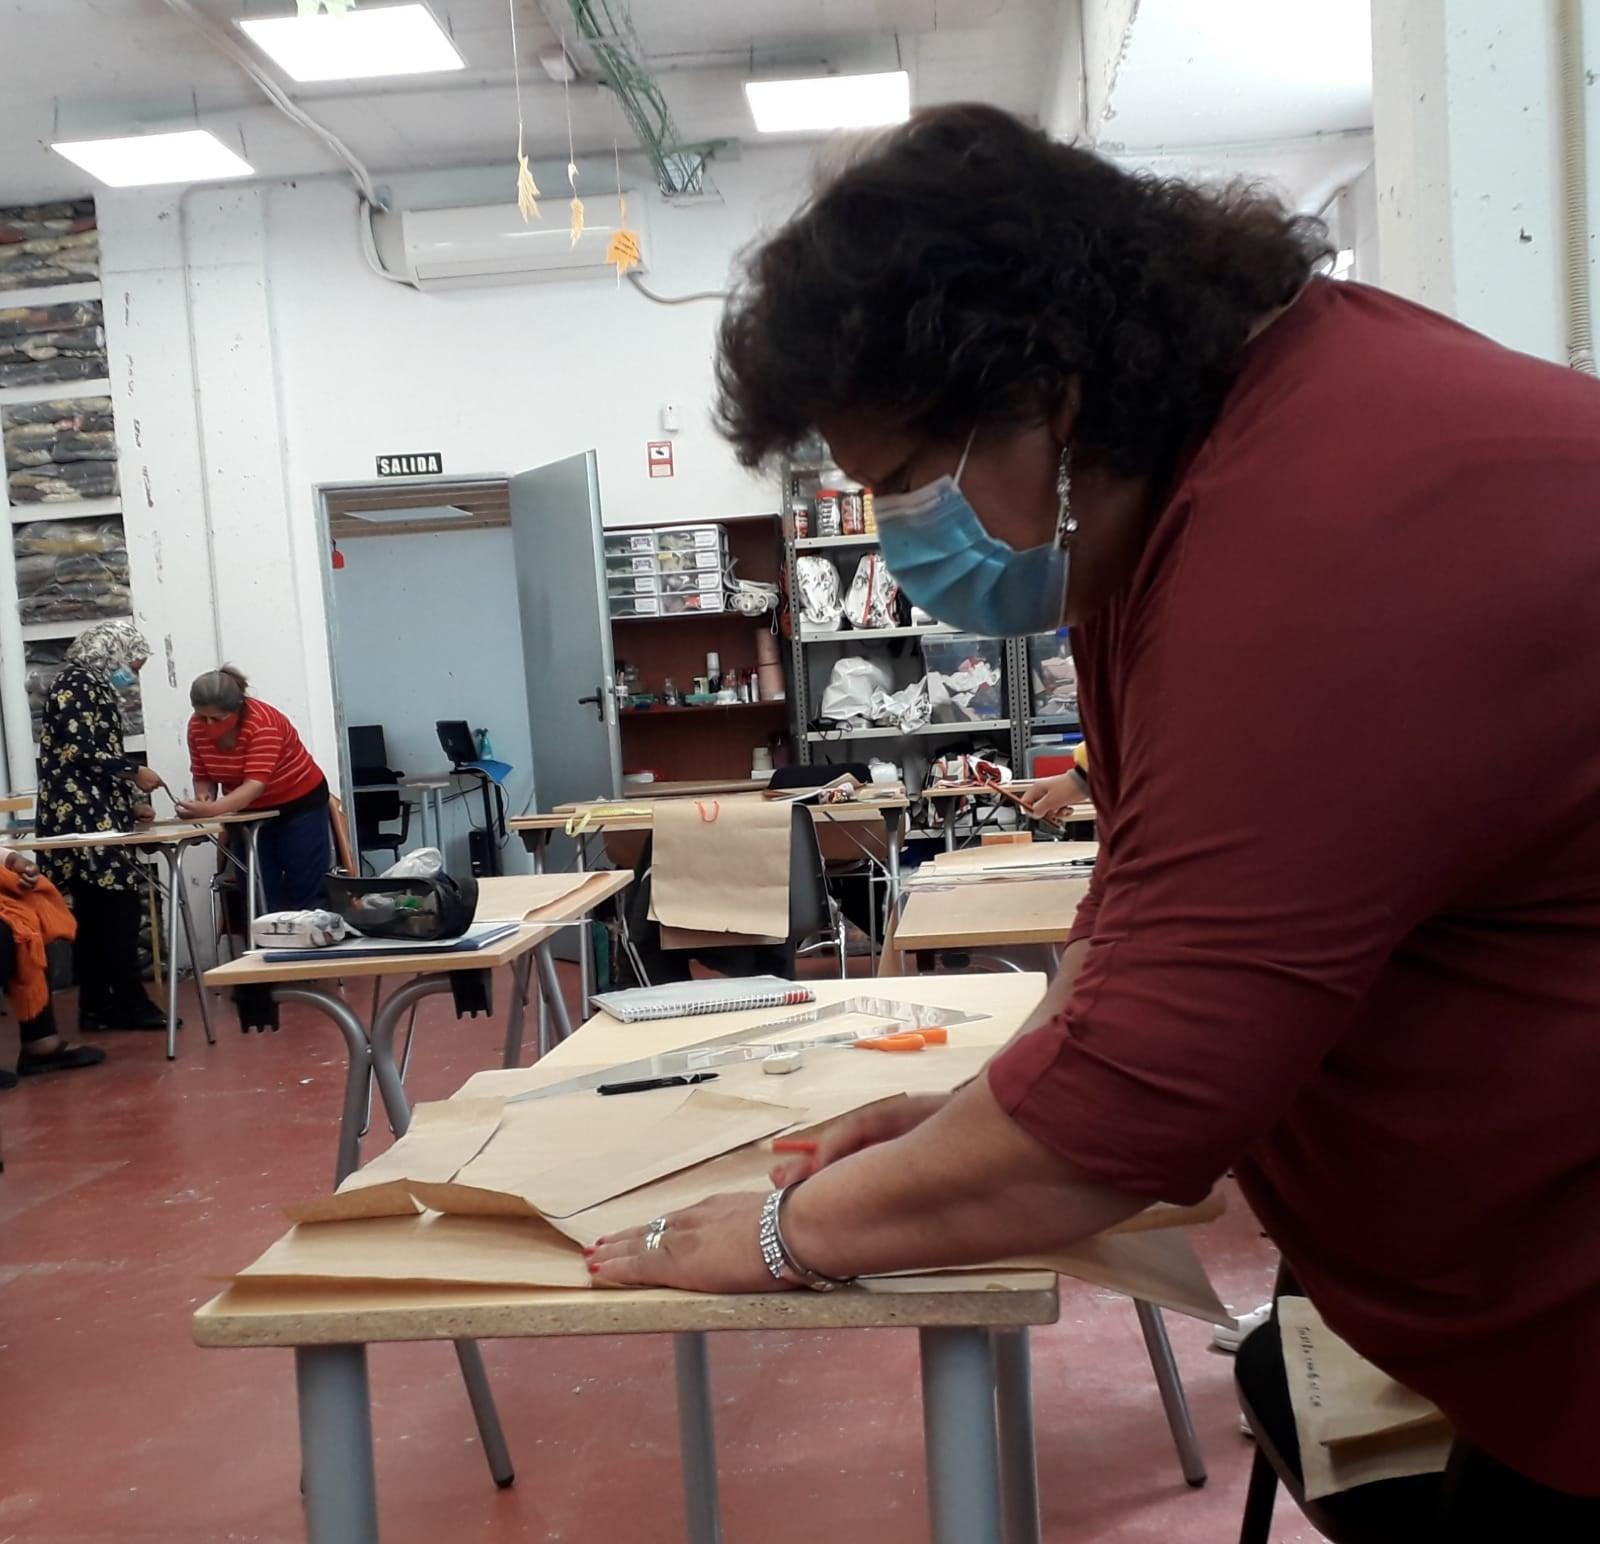 UNAF visita el espacio de Coworking textil de Famylias y su proyecto 'Modaconetica'